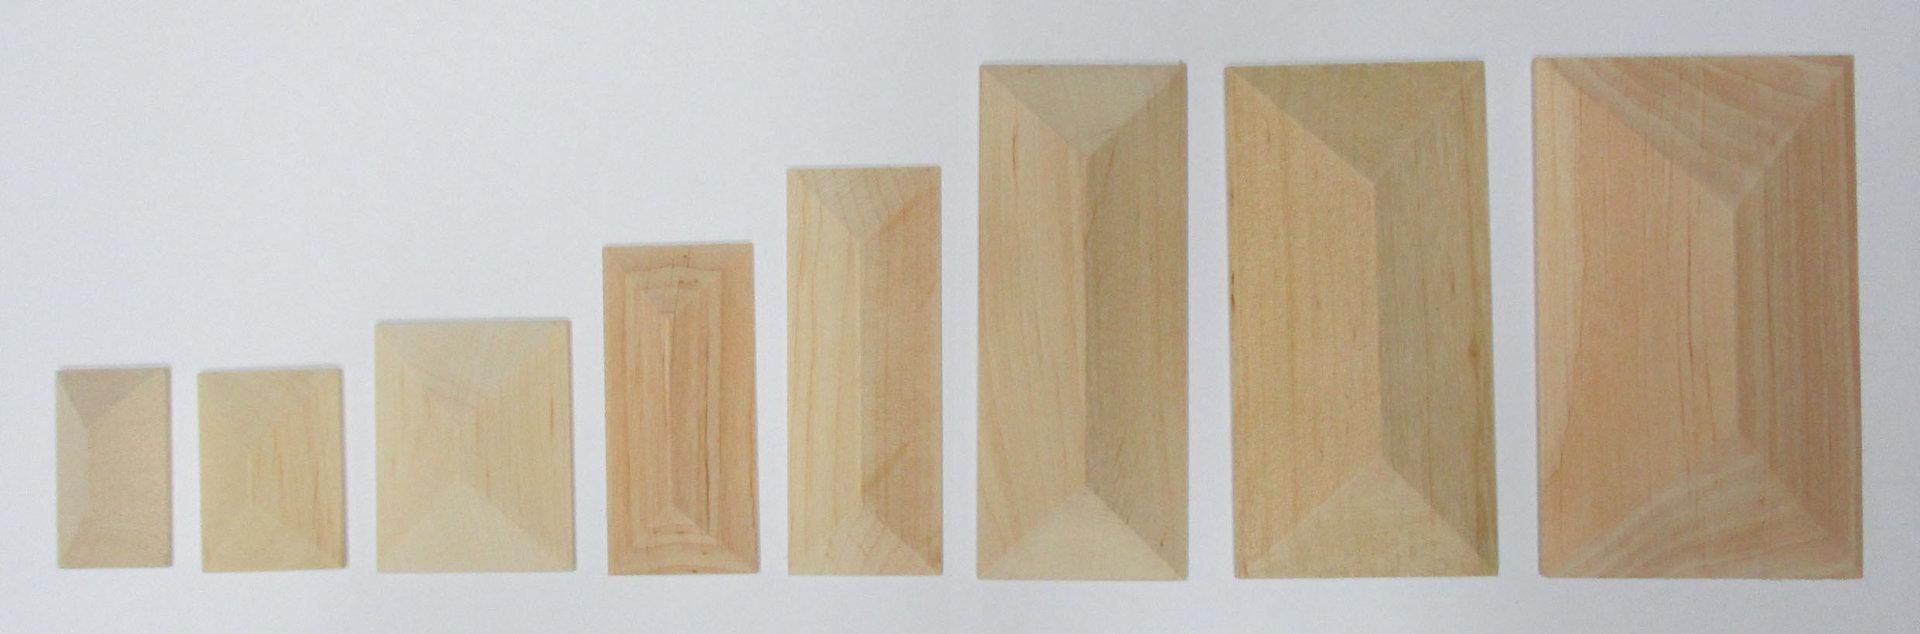 Holzquader Aus Erlenholz Lange 40 Mm Breite 24 Mm